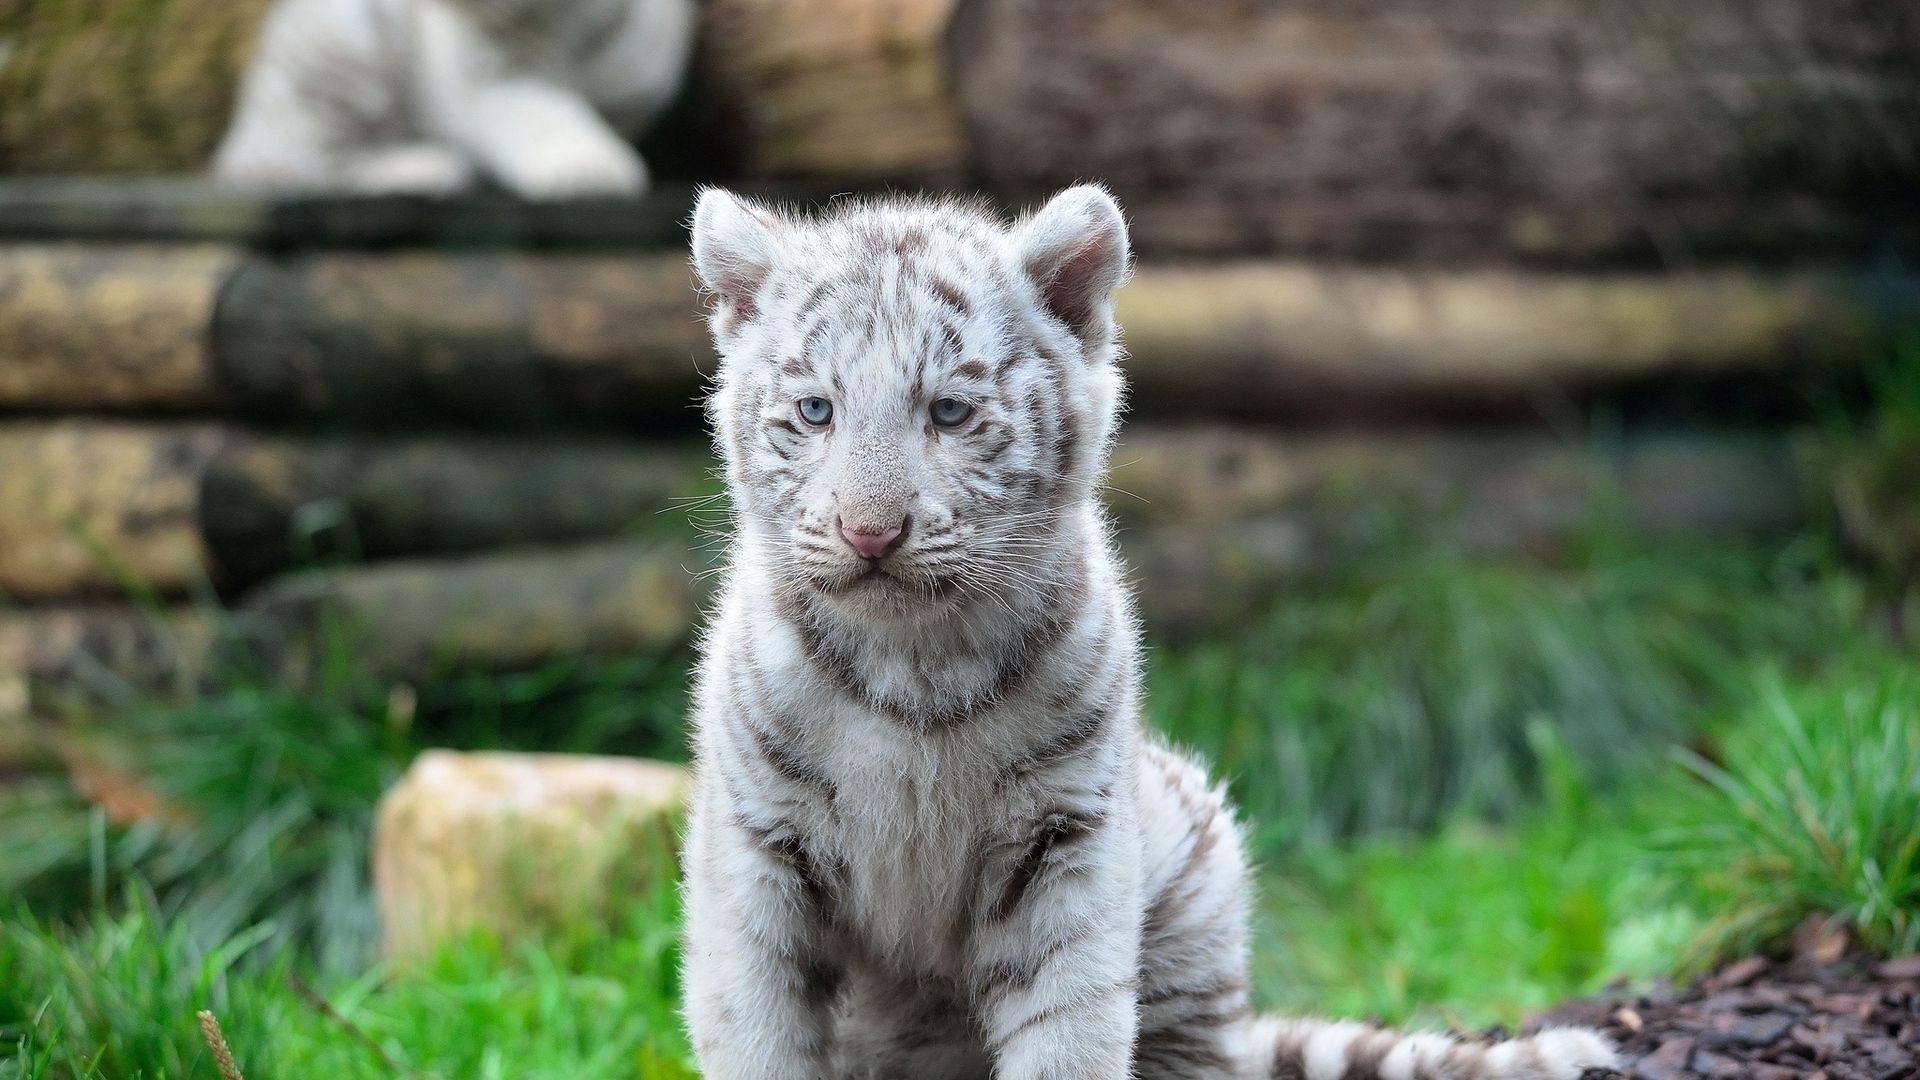 White Tiger Baby, HD Desktop Wallpaper